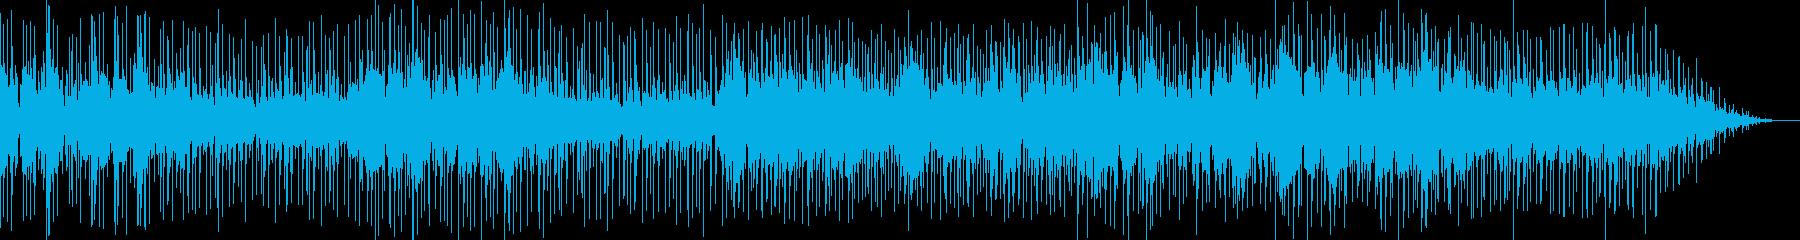 ラテンフレーバーあるスムースジャズの再生済みの波形